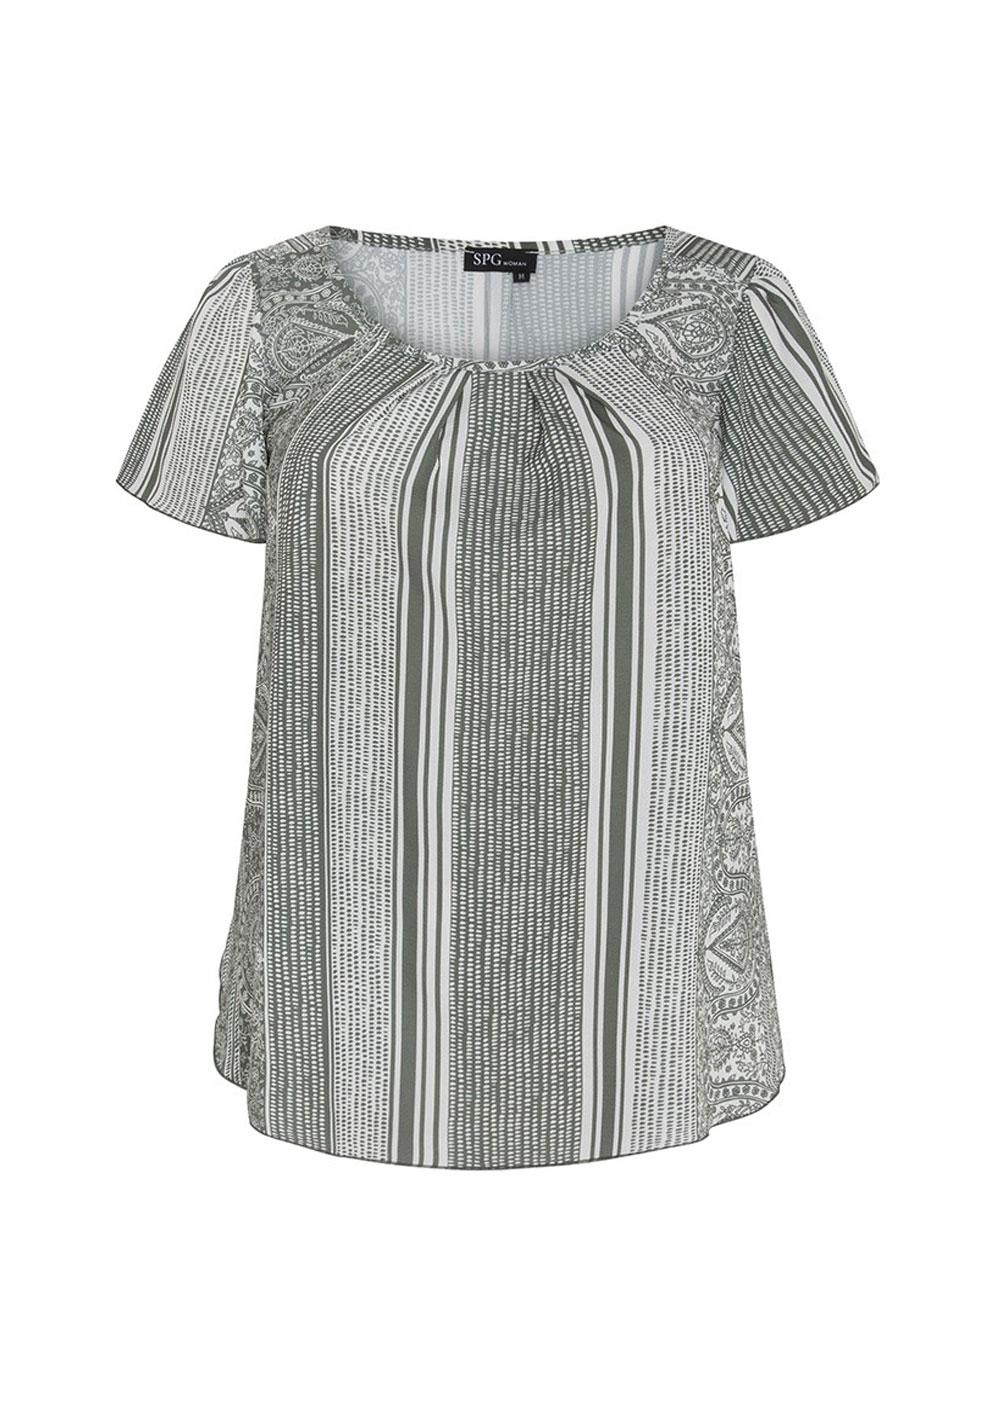 blusa estampada tallas grandes curvy verano look casual estilo